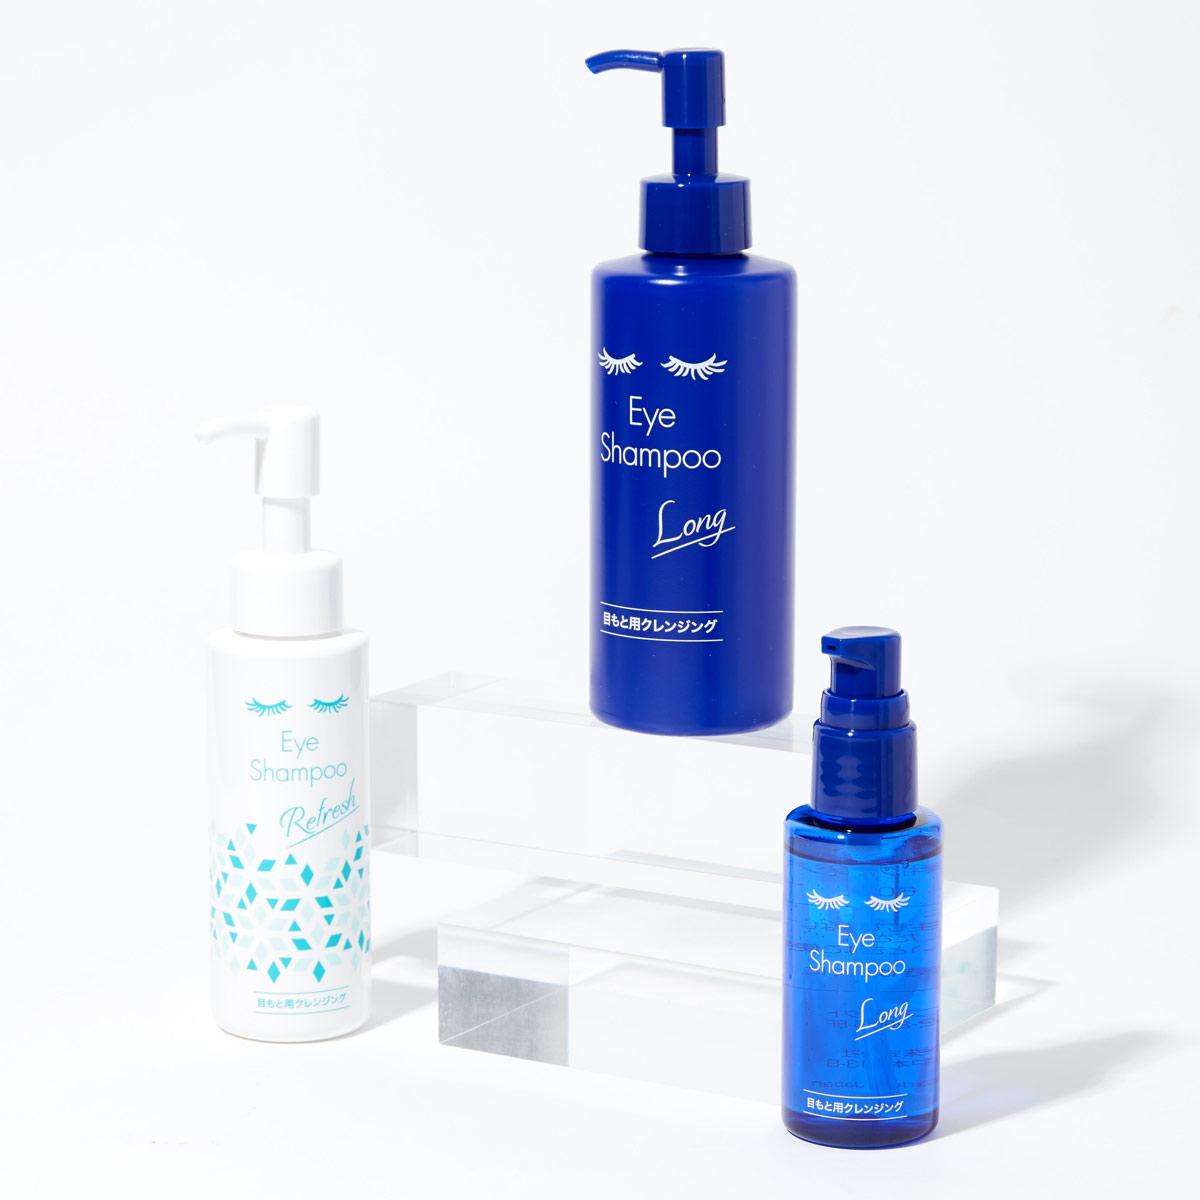 まつ毛を洗う新習慣! MediProduct(メディプロダクト)『アイシャンプーロング』をご紹介に関する画像1